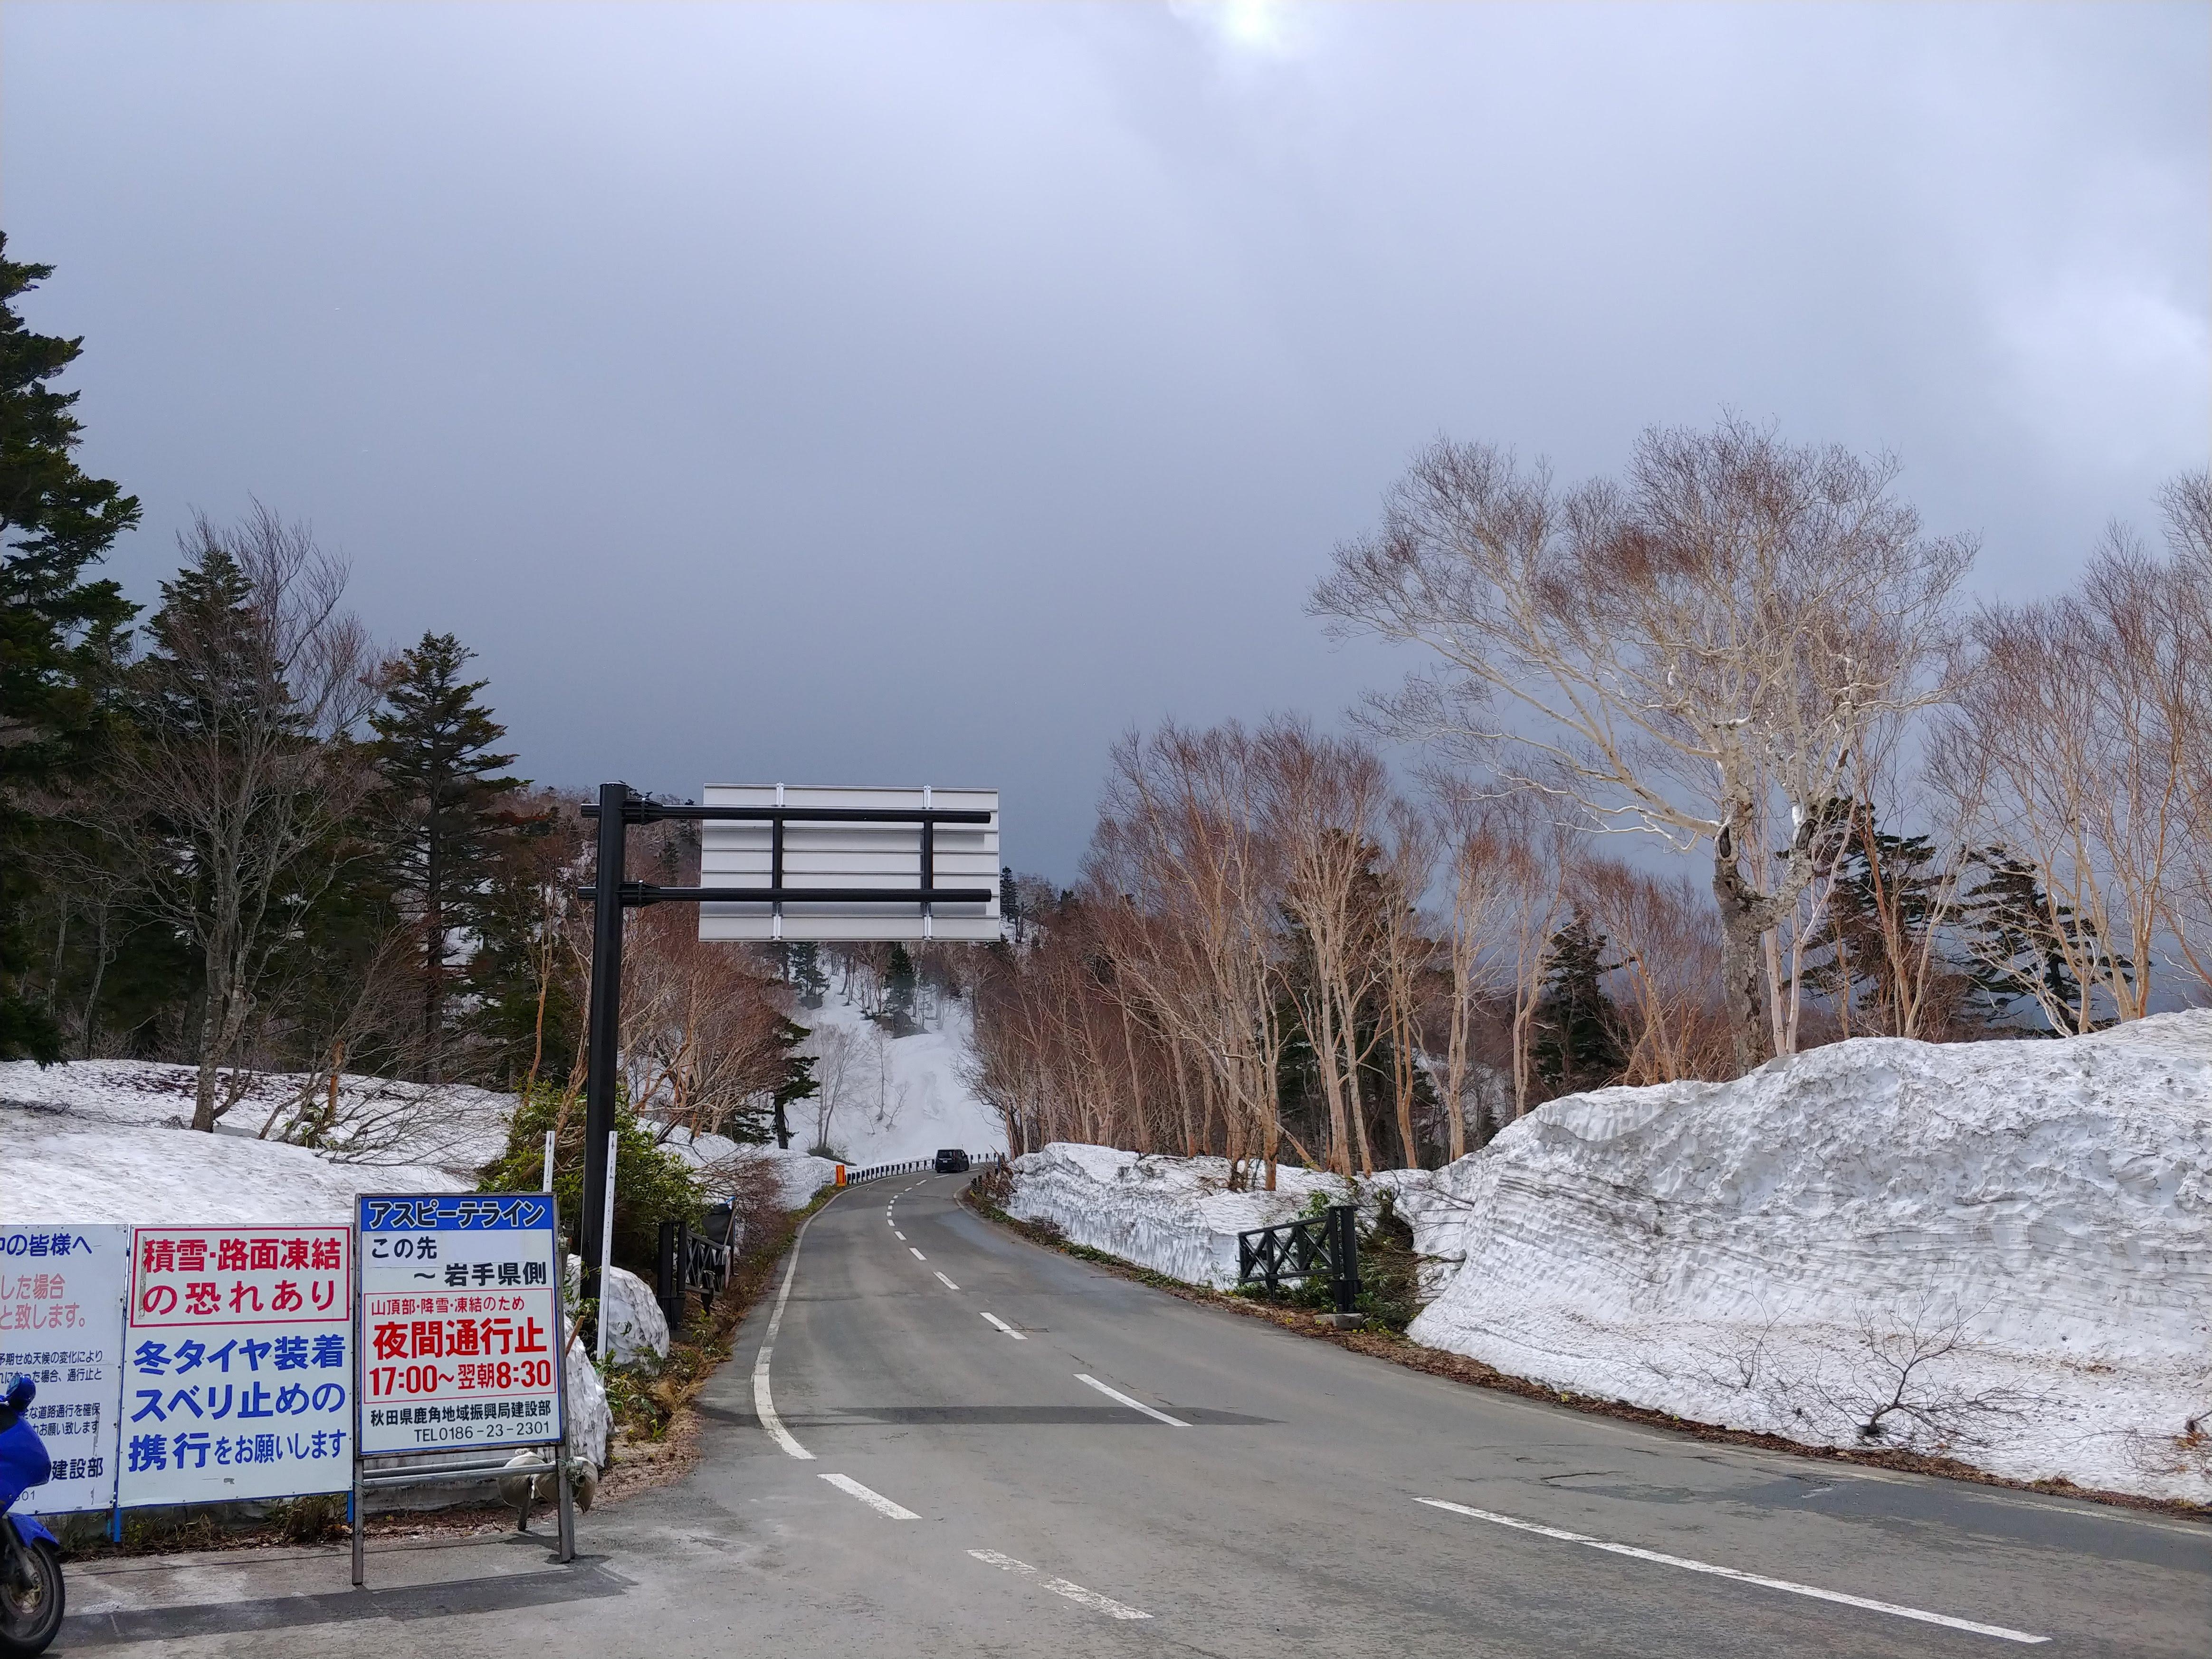 【2019年・春の東北巡り】雪の八幡平に泣き、仙台で笑った日。vol.5